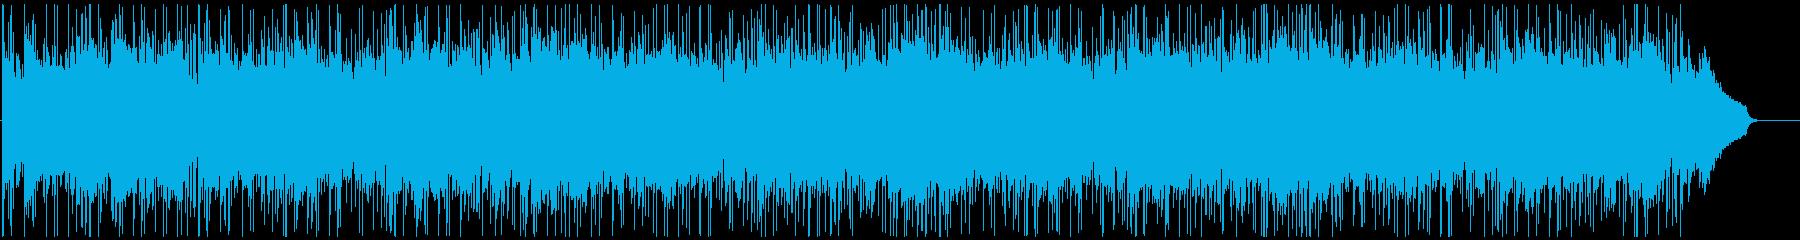 穏やかでしっとりしたエレピバラード曲の再生済みの波形